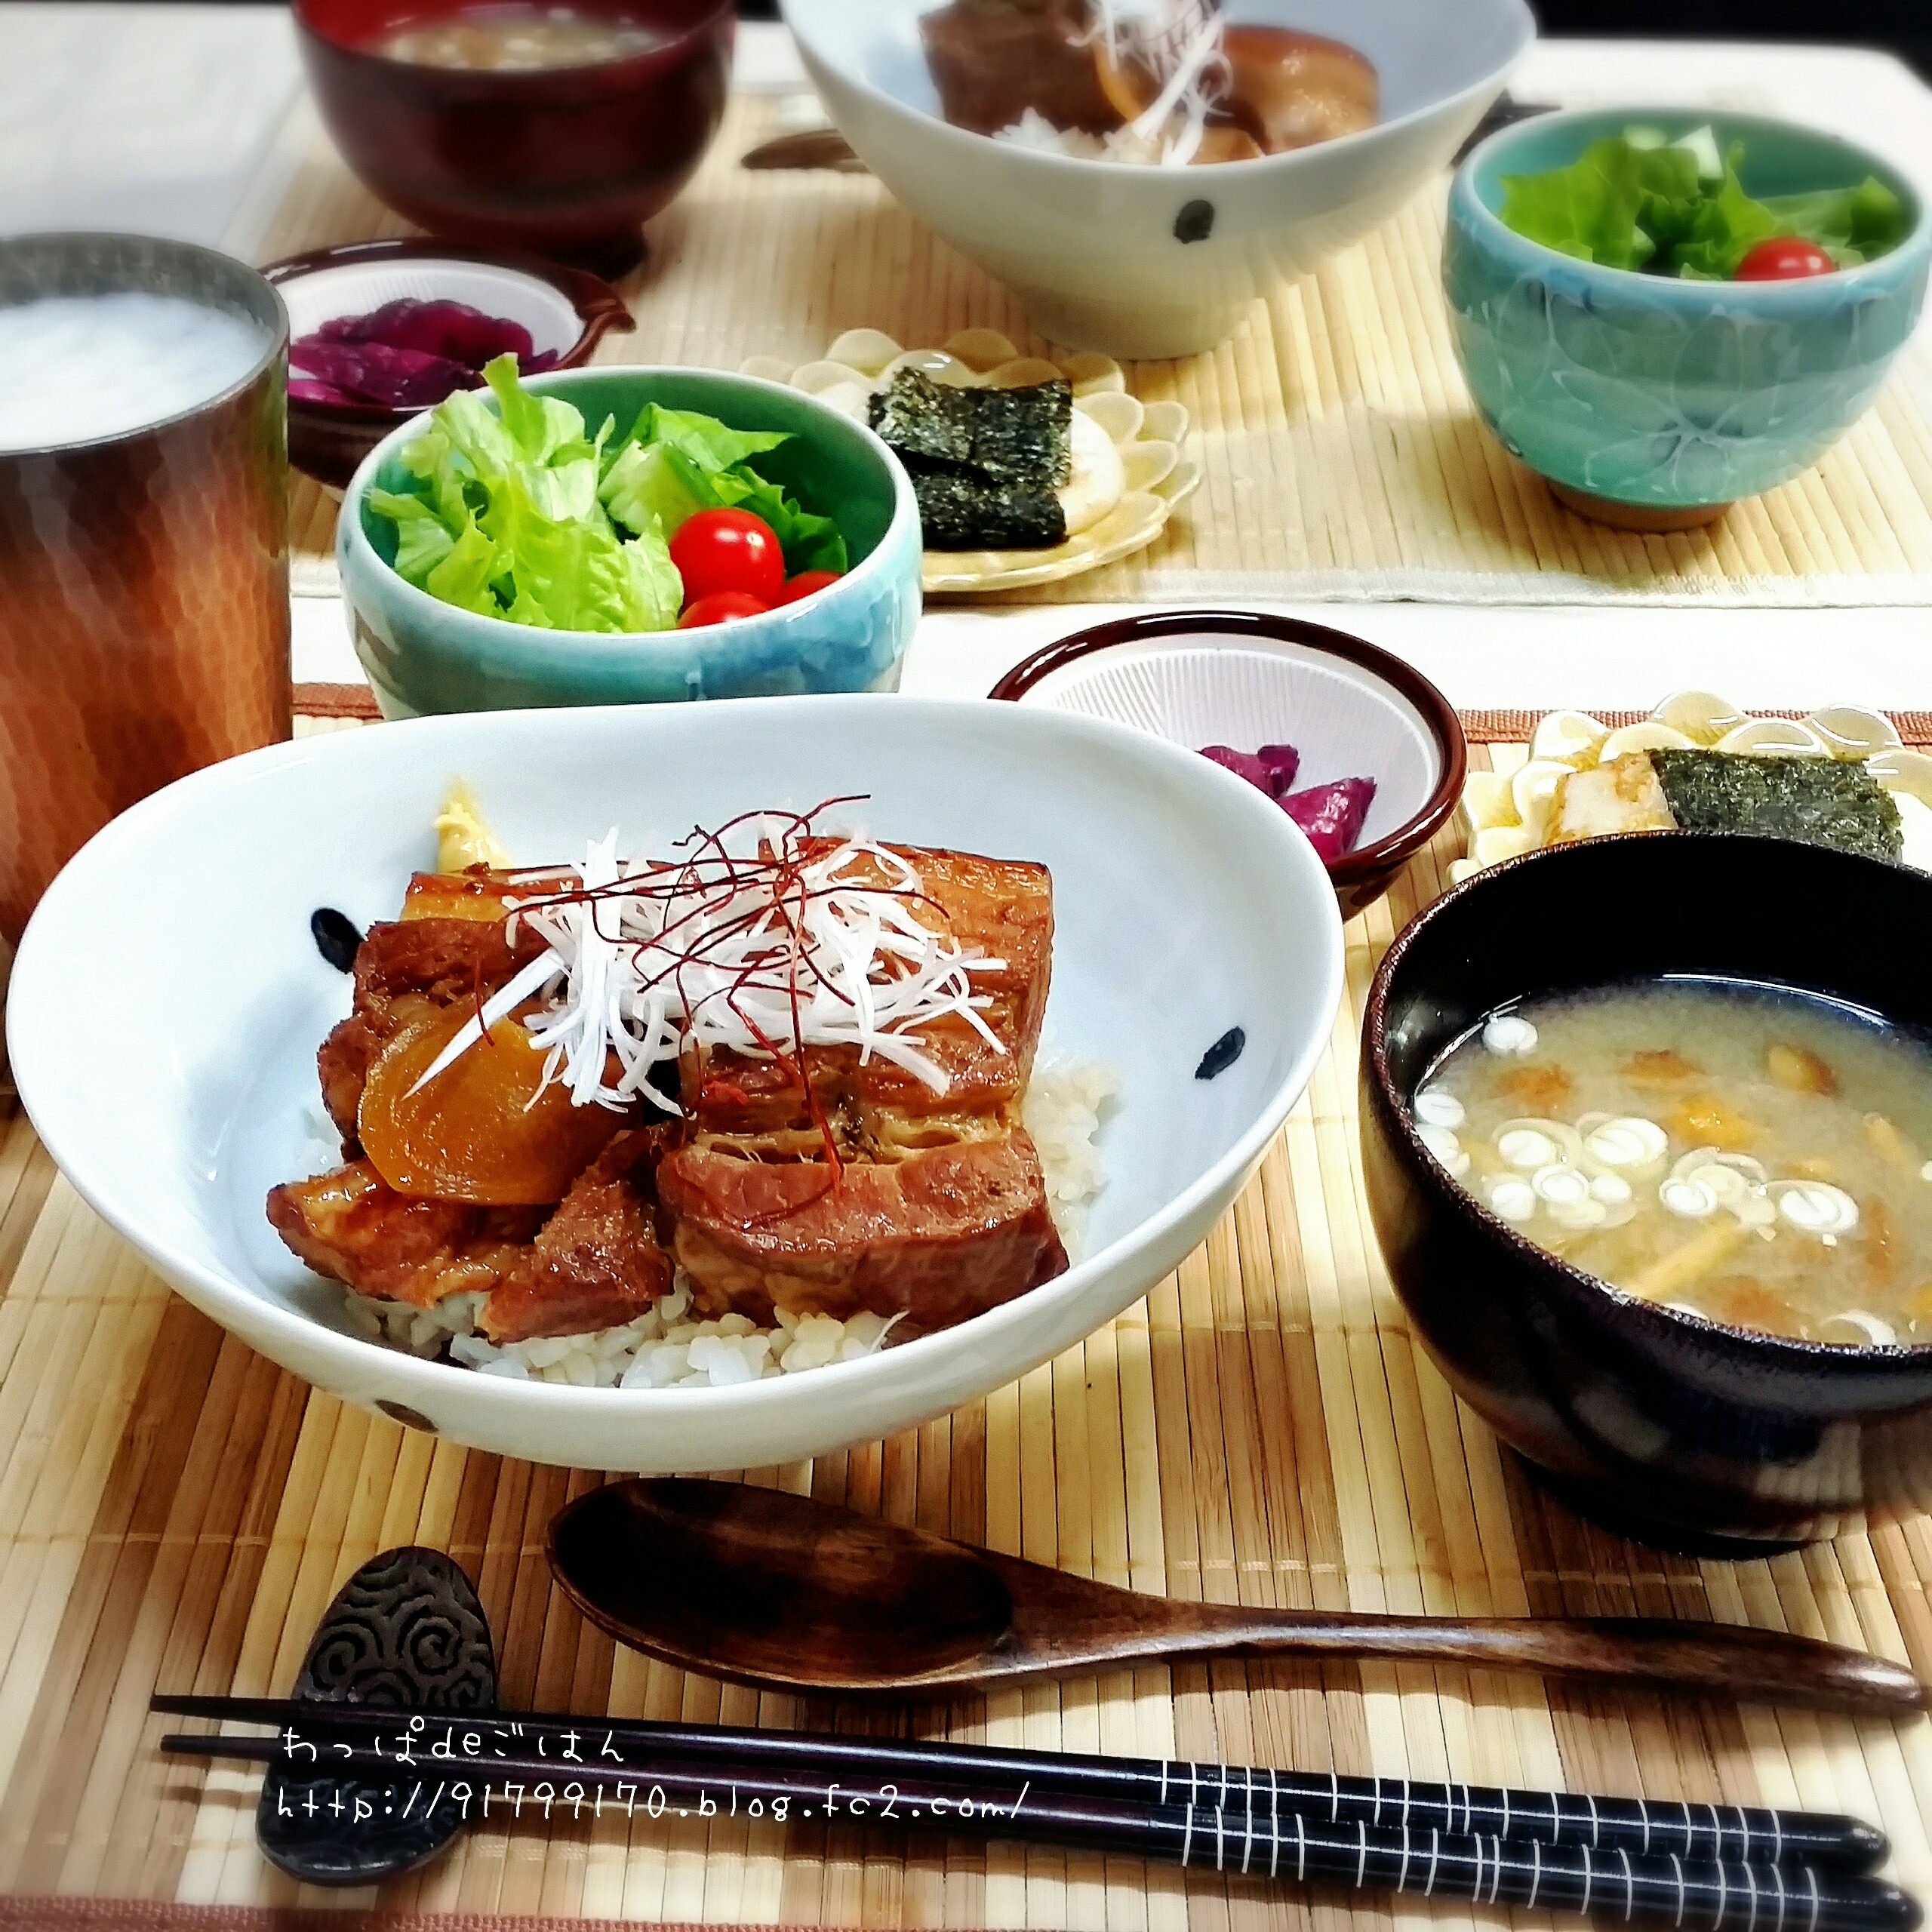 皮付き豚バラ角煮丼の晩ごはん